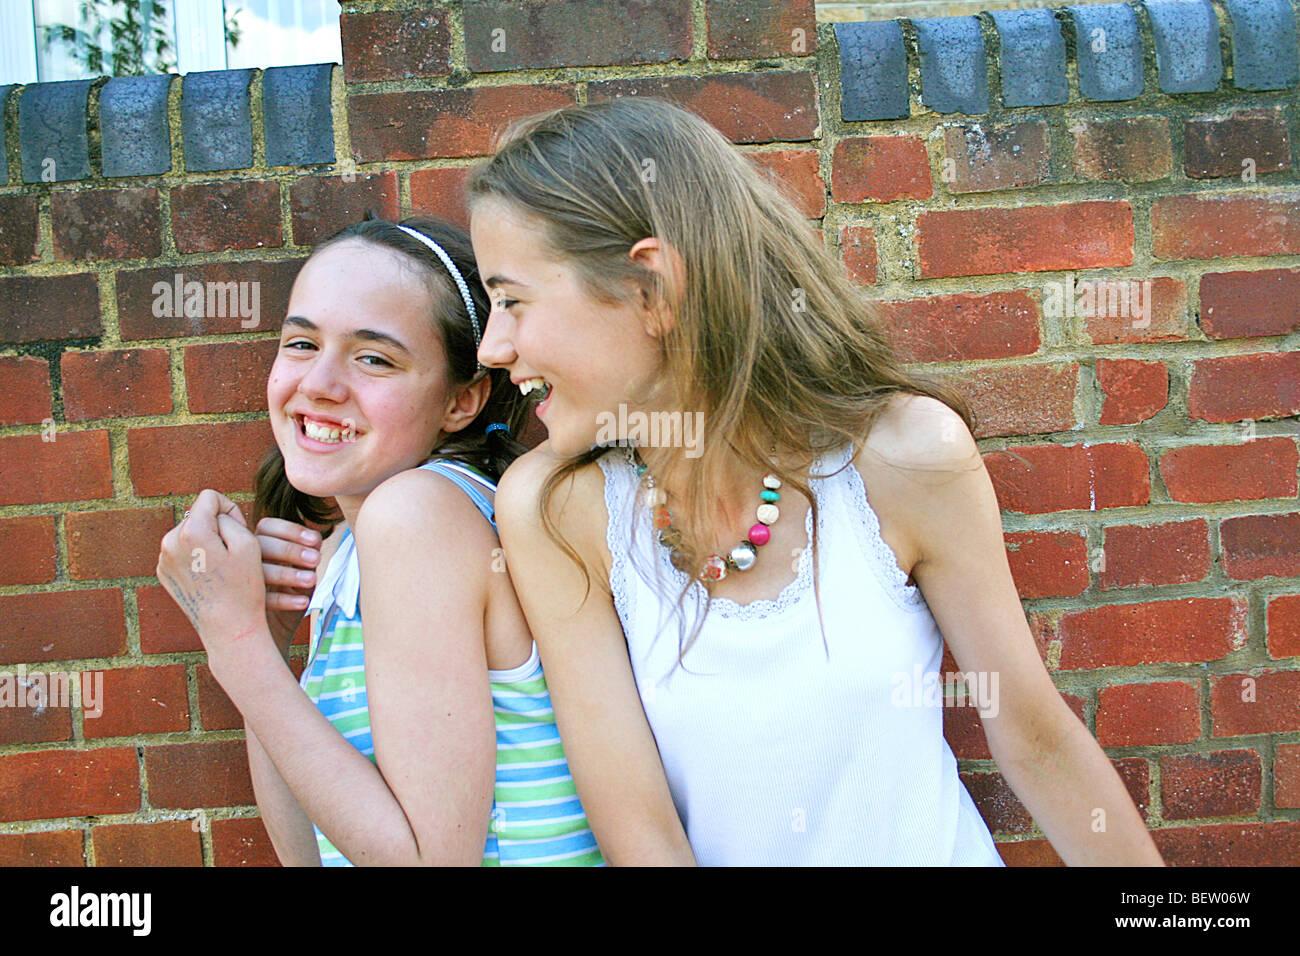 Dos niñas larking alrededor y divertirse Imagen De Stock